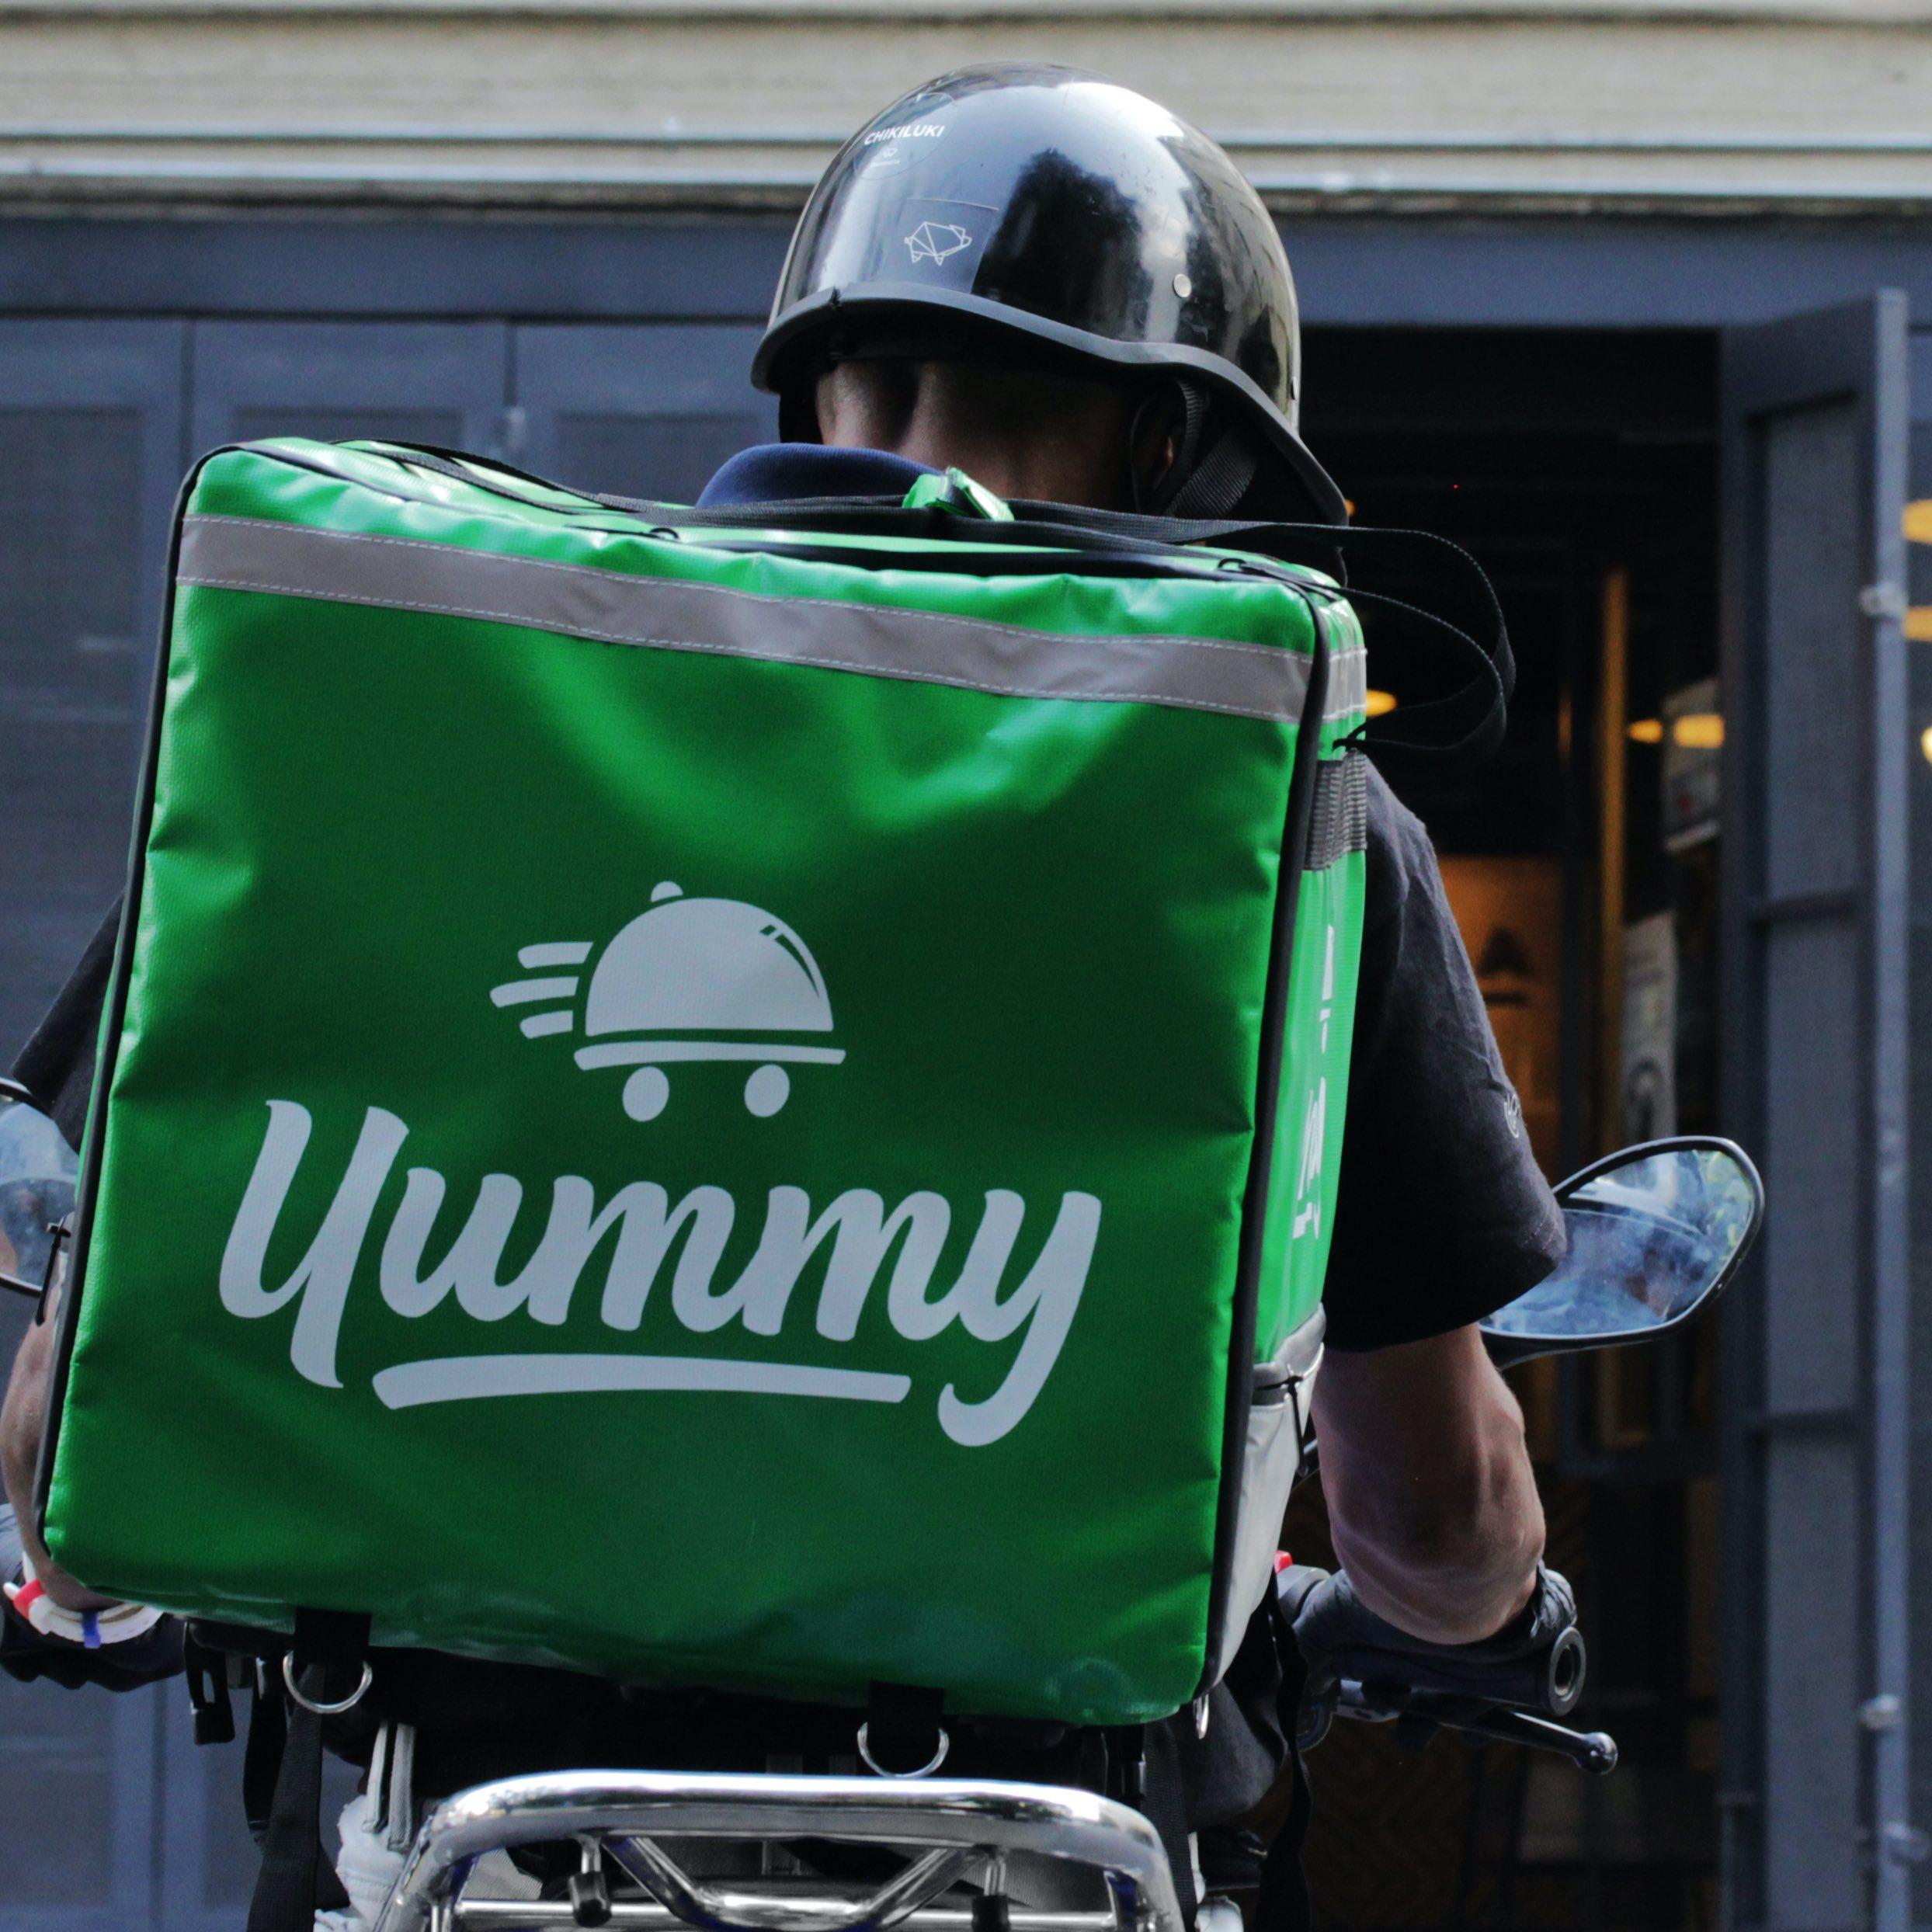 La aplicación de delivery Yummy expande sus servicios a varias ciudades del país